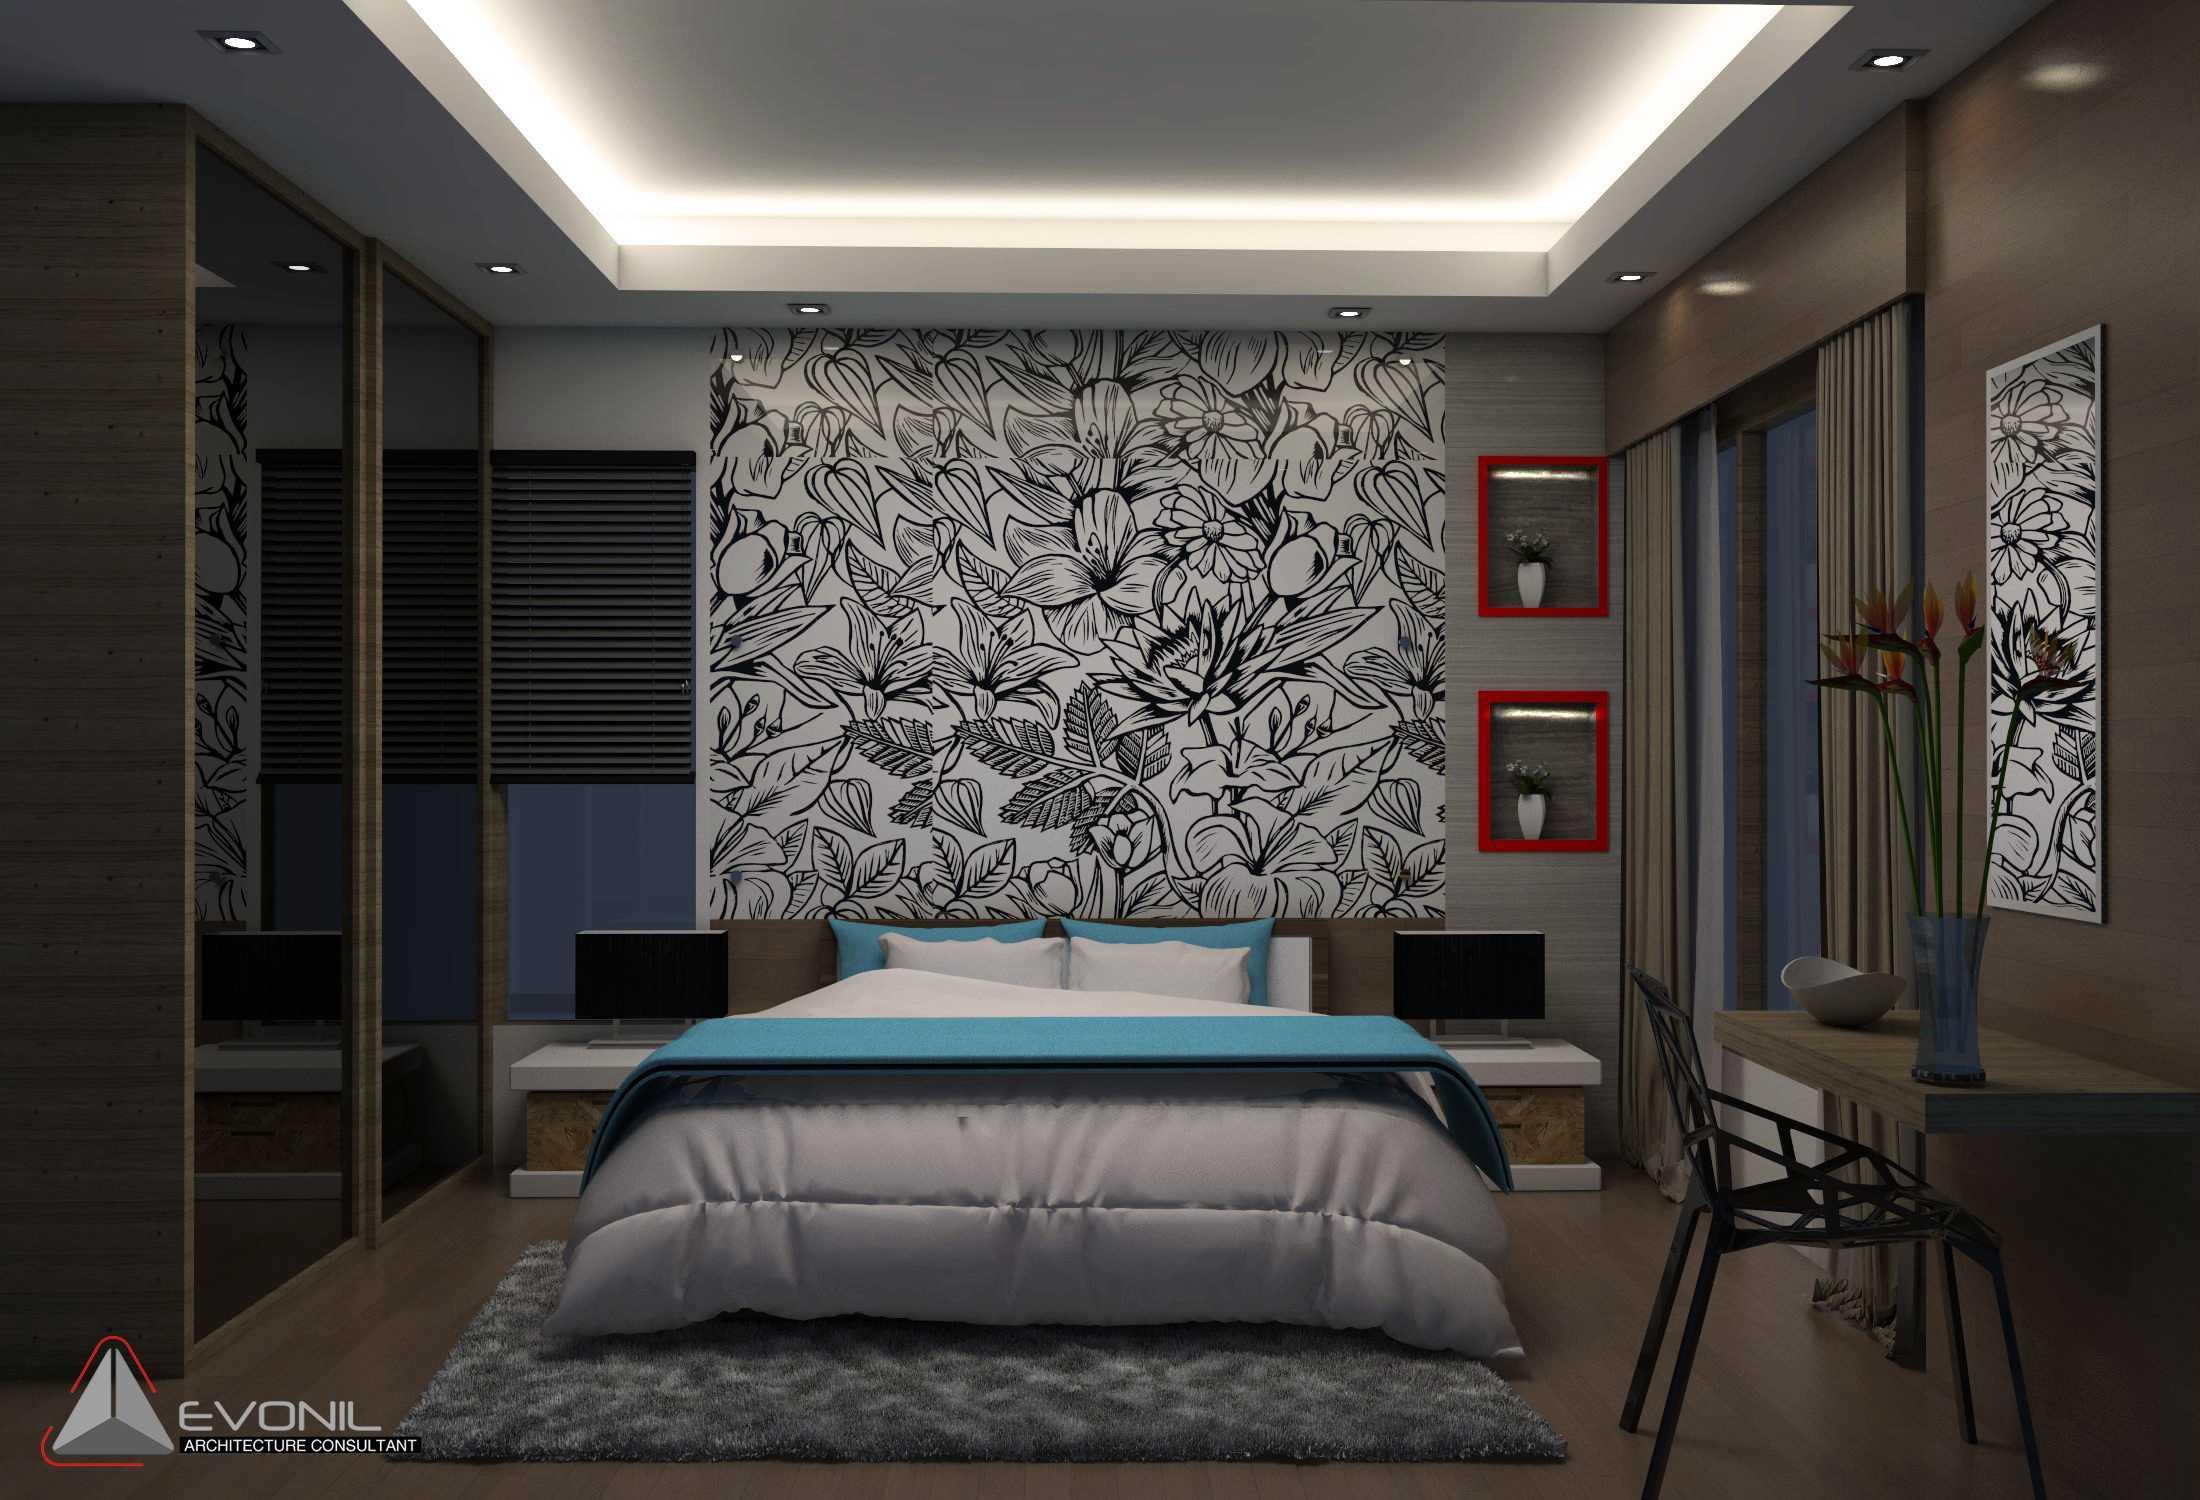 Evonil Architecture Residence Jatiwaringin Jatiwaringin, Jakarta Jatiwaringin, Jakarta Guest-Bedroom-2-Rev Kontemporer  13046